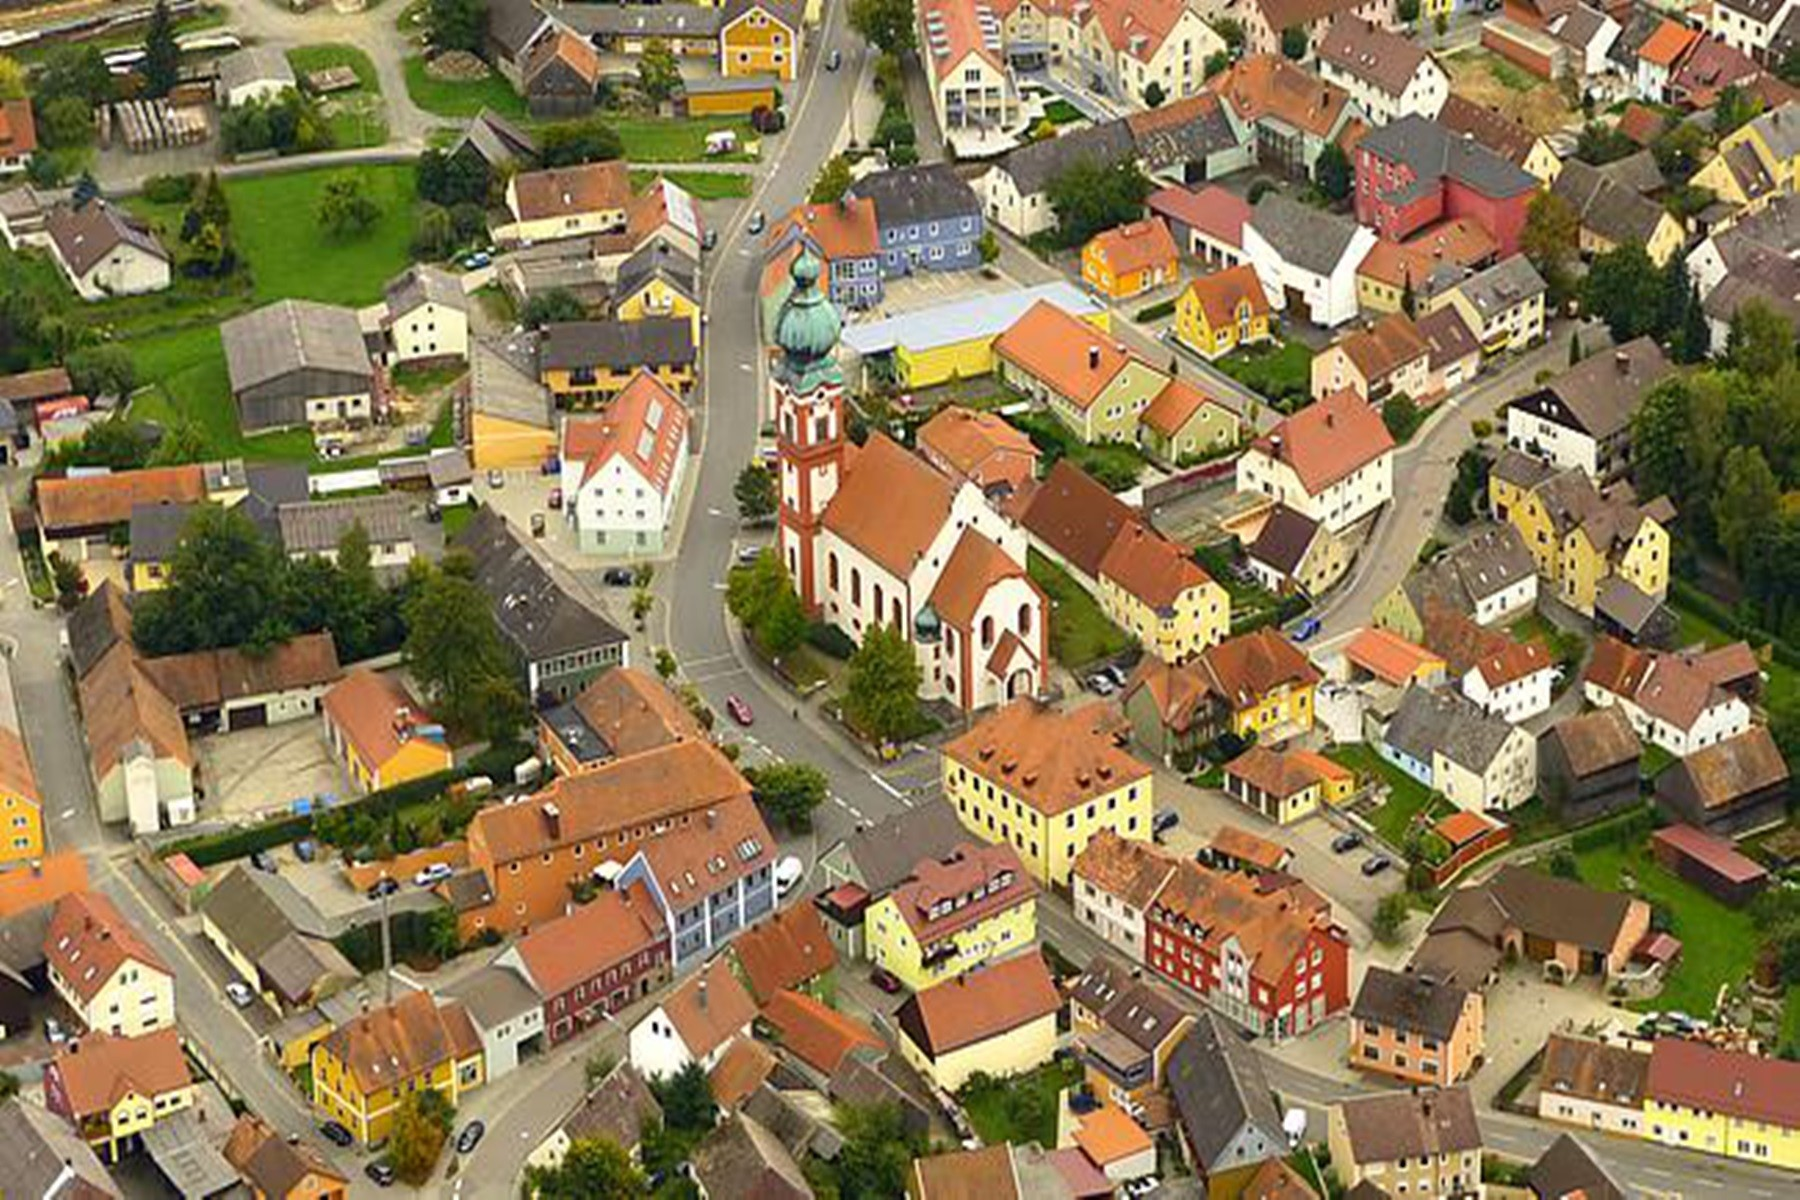 Umgebung-Luftbild Kirche entstand 1685 - 1687 im frühen Barockstil.